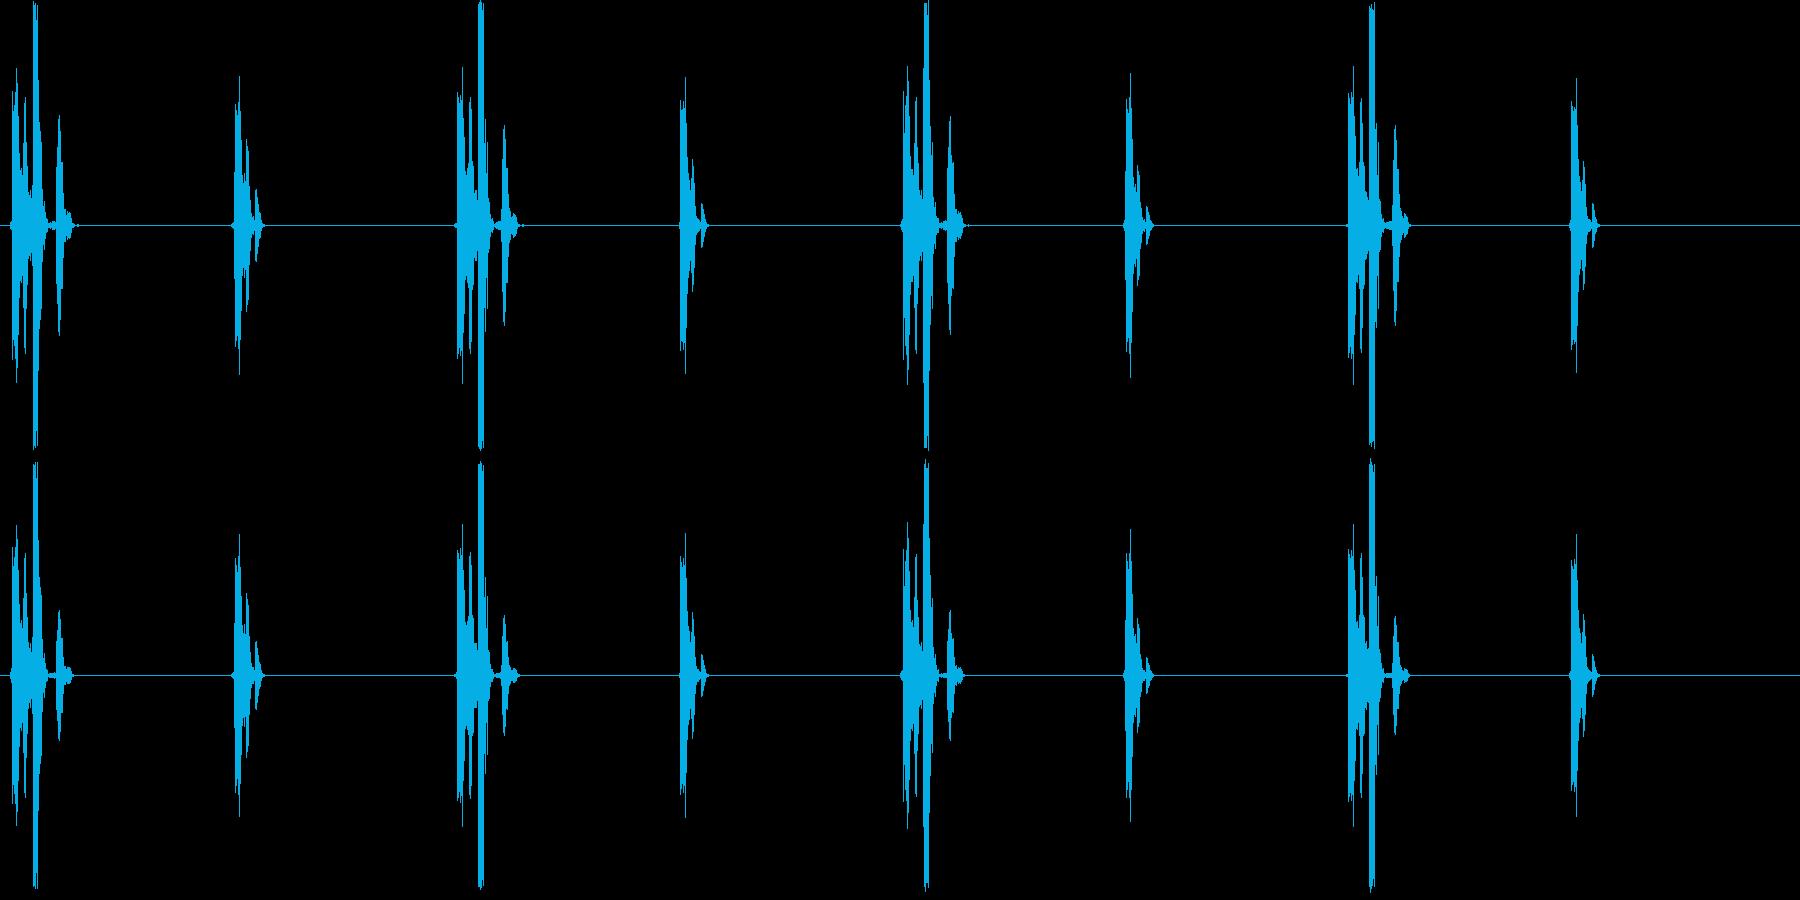 チクタクチクタク…(時計、刻み)の再生済みの波形